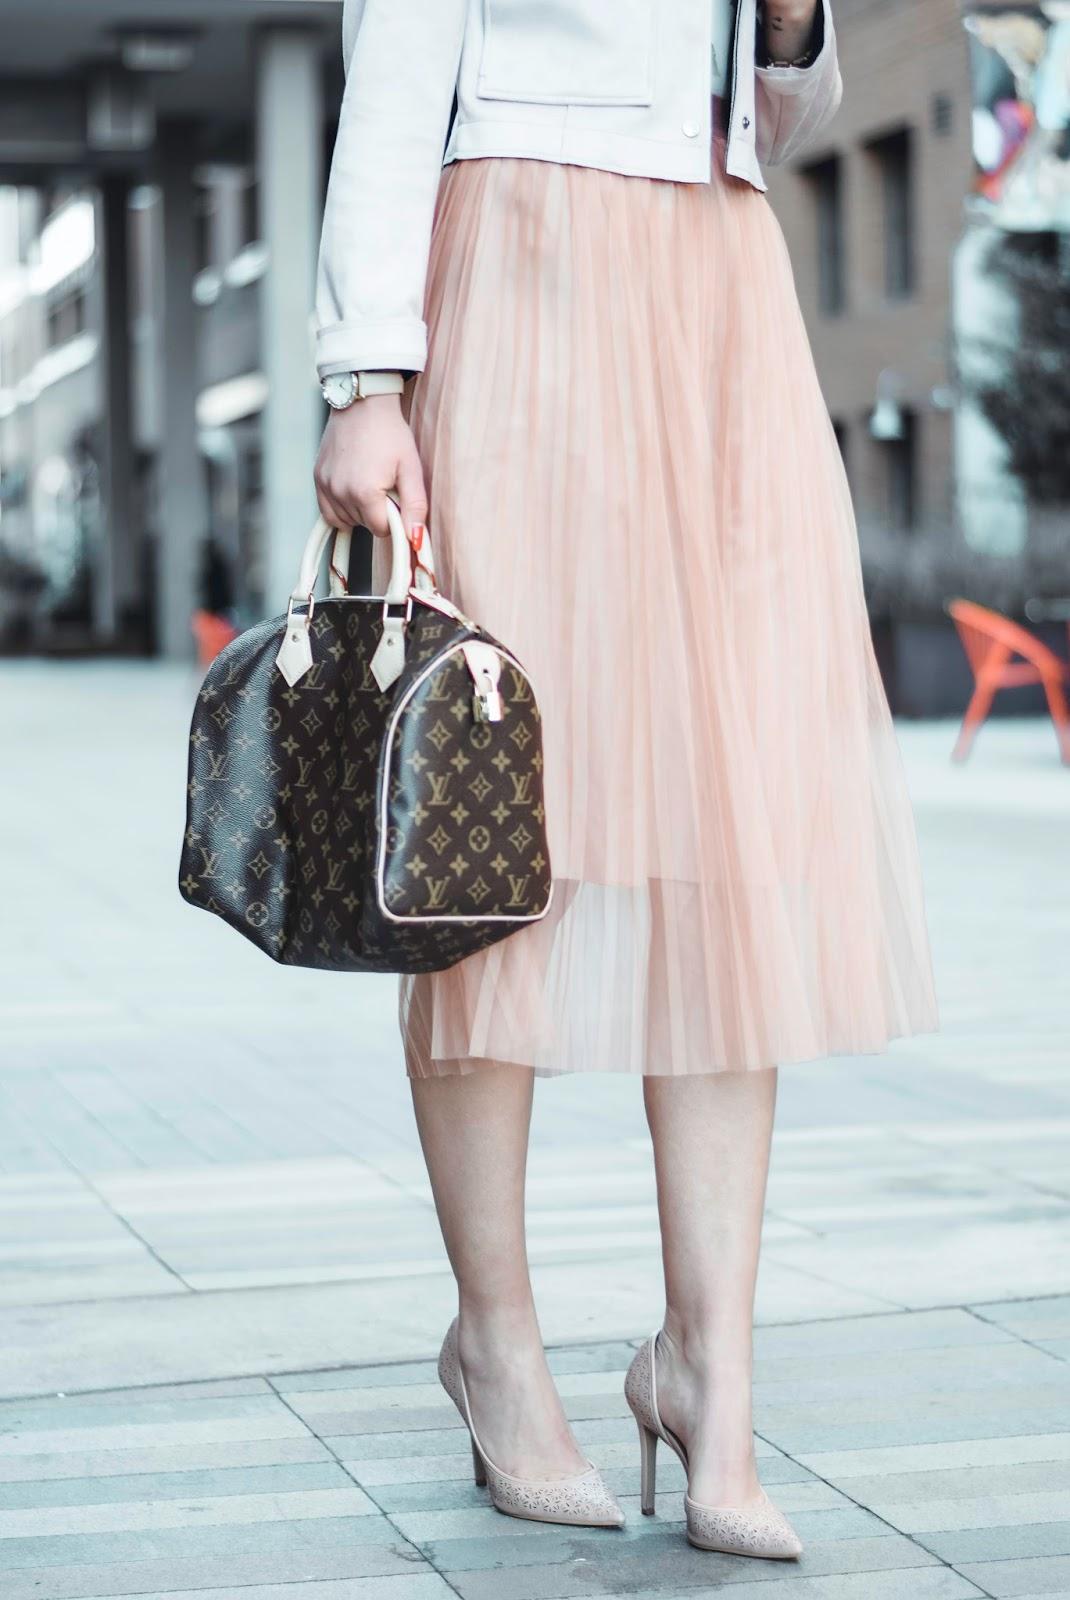 blush tone skirt